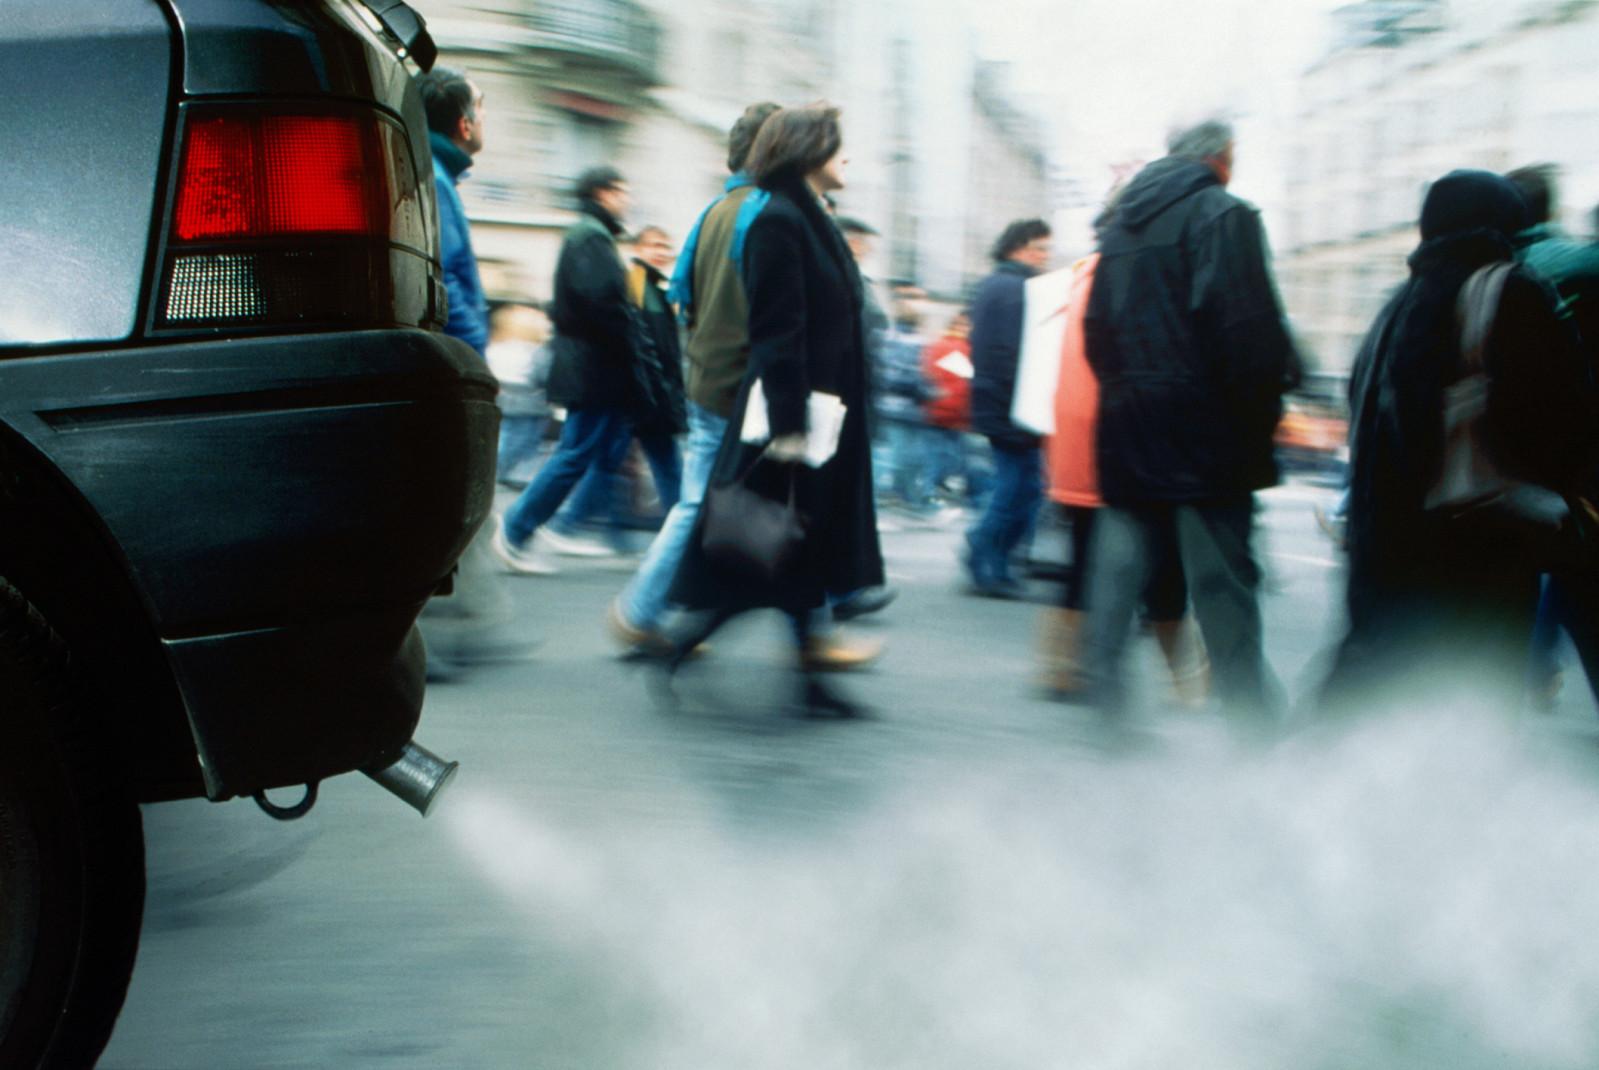 Выхлопные газы вредят природе и здоровью человека